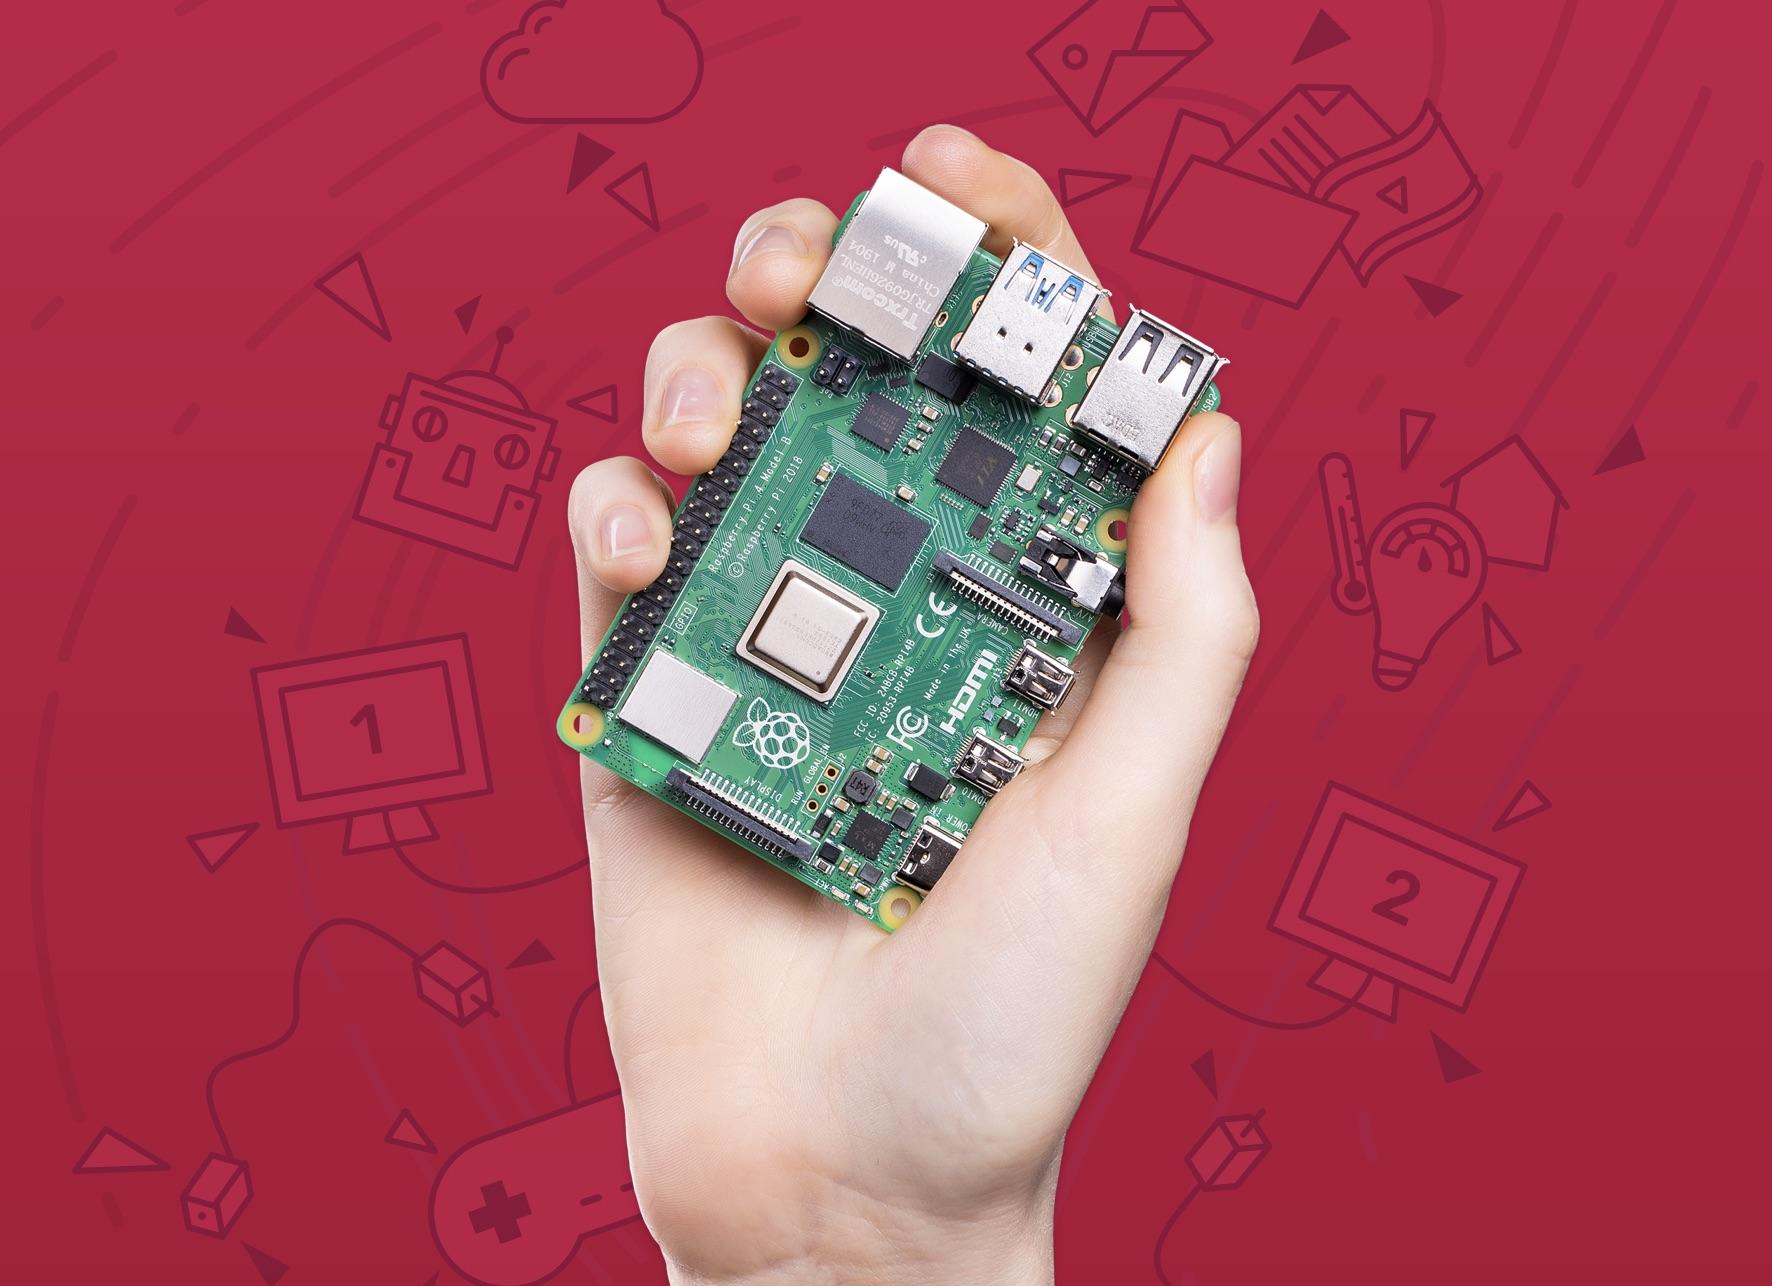 Il nuovo Raspberry Pi 4 è molto più potente e costa solo 35 dollari